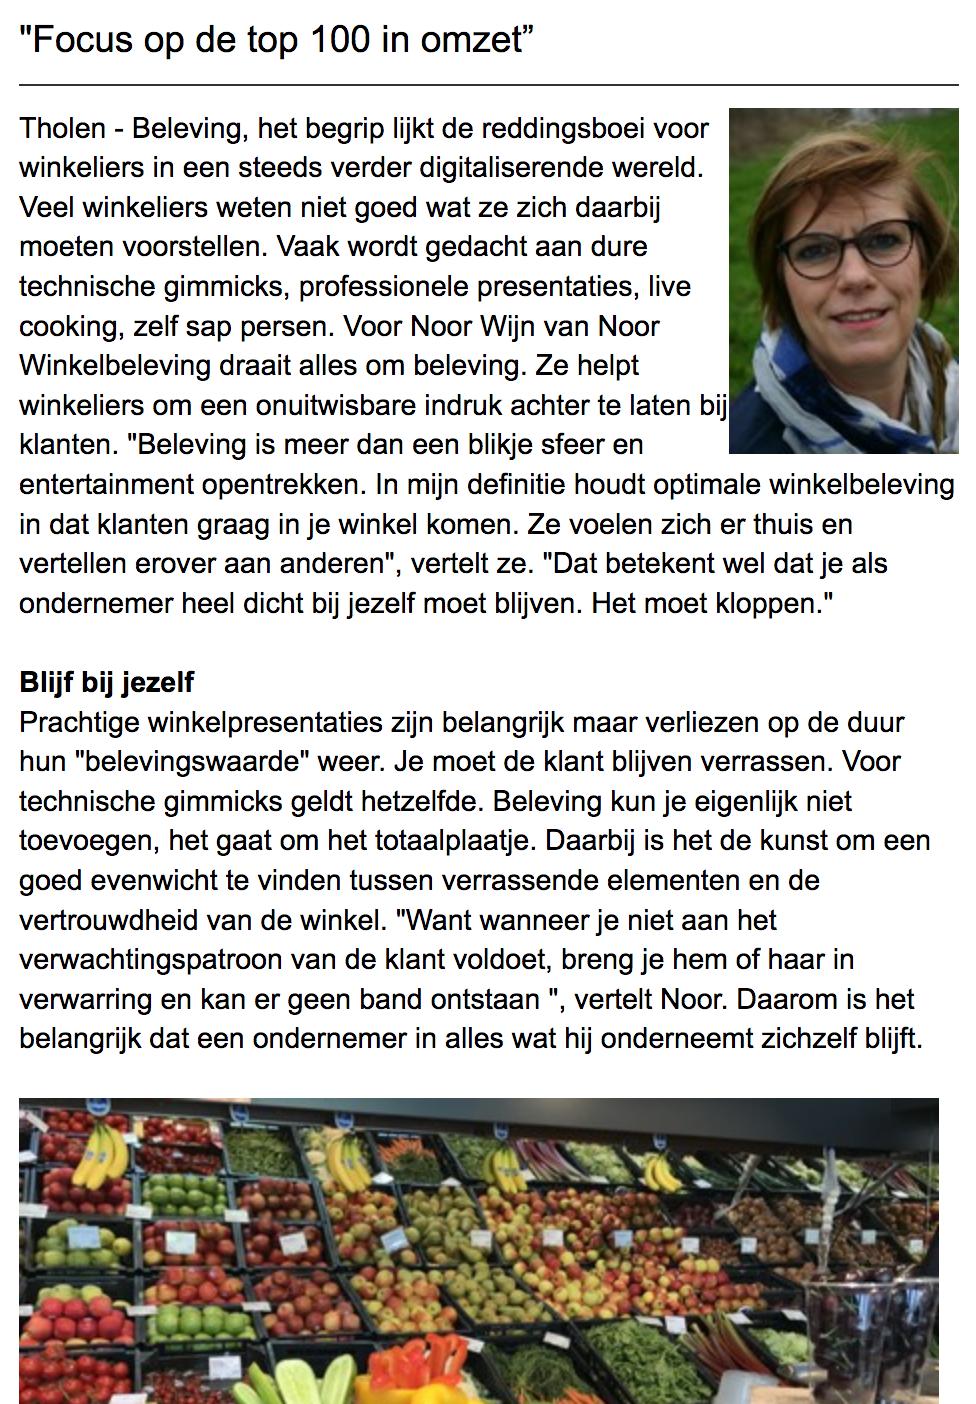 interview op agf.nl